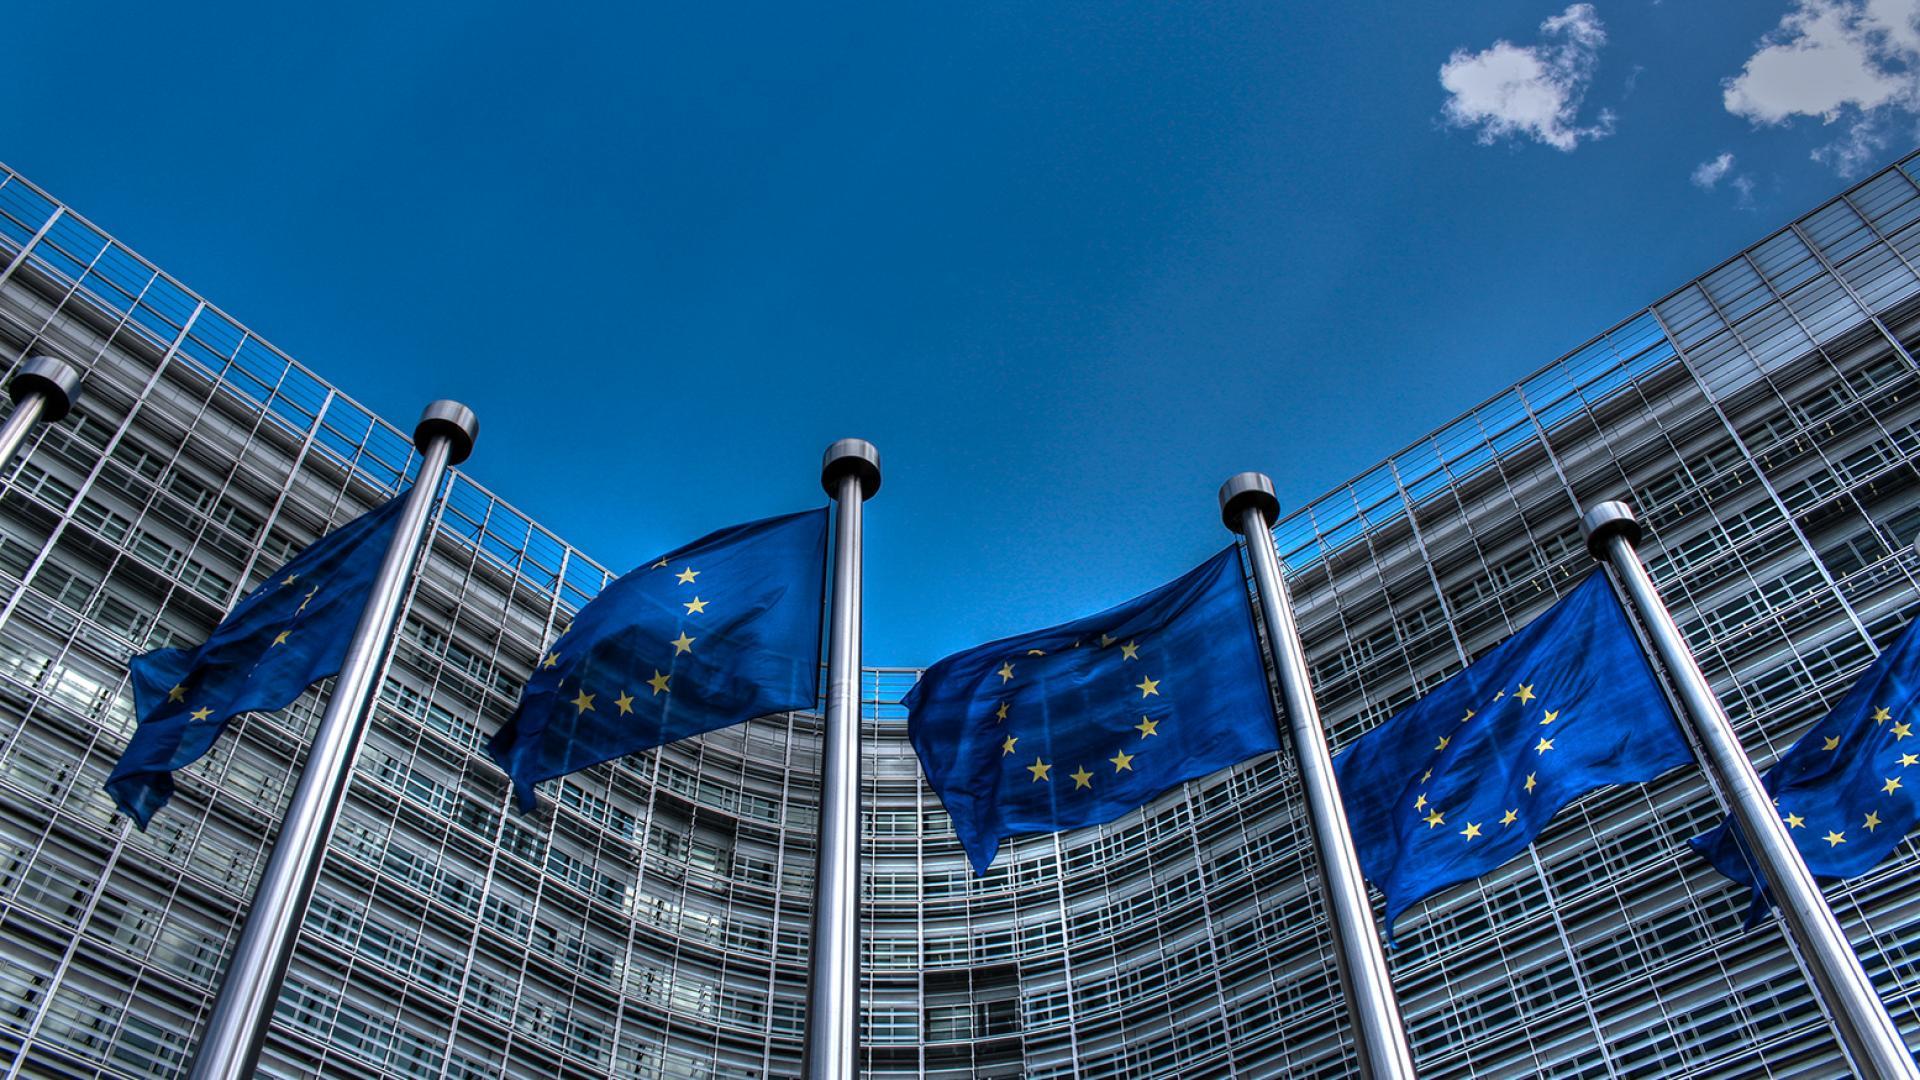 El informe 'Comprender nuestra naturaleza política' del Centro Común de Investigación de la Comisión Europea profundiza en la influencia de las emociones en la toma de decisiones políticas. / CE / UE